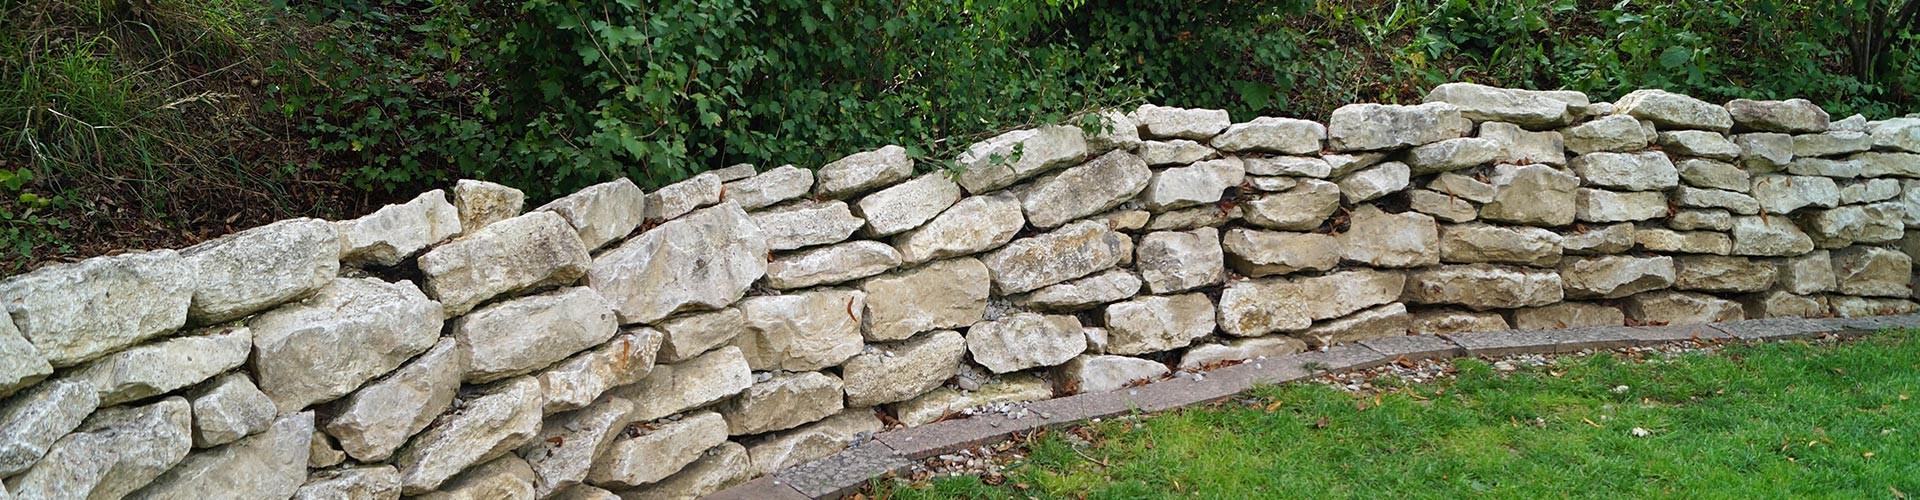 Steinmauer von Marmor Peter